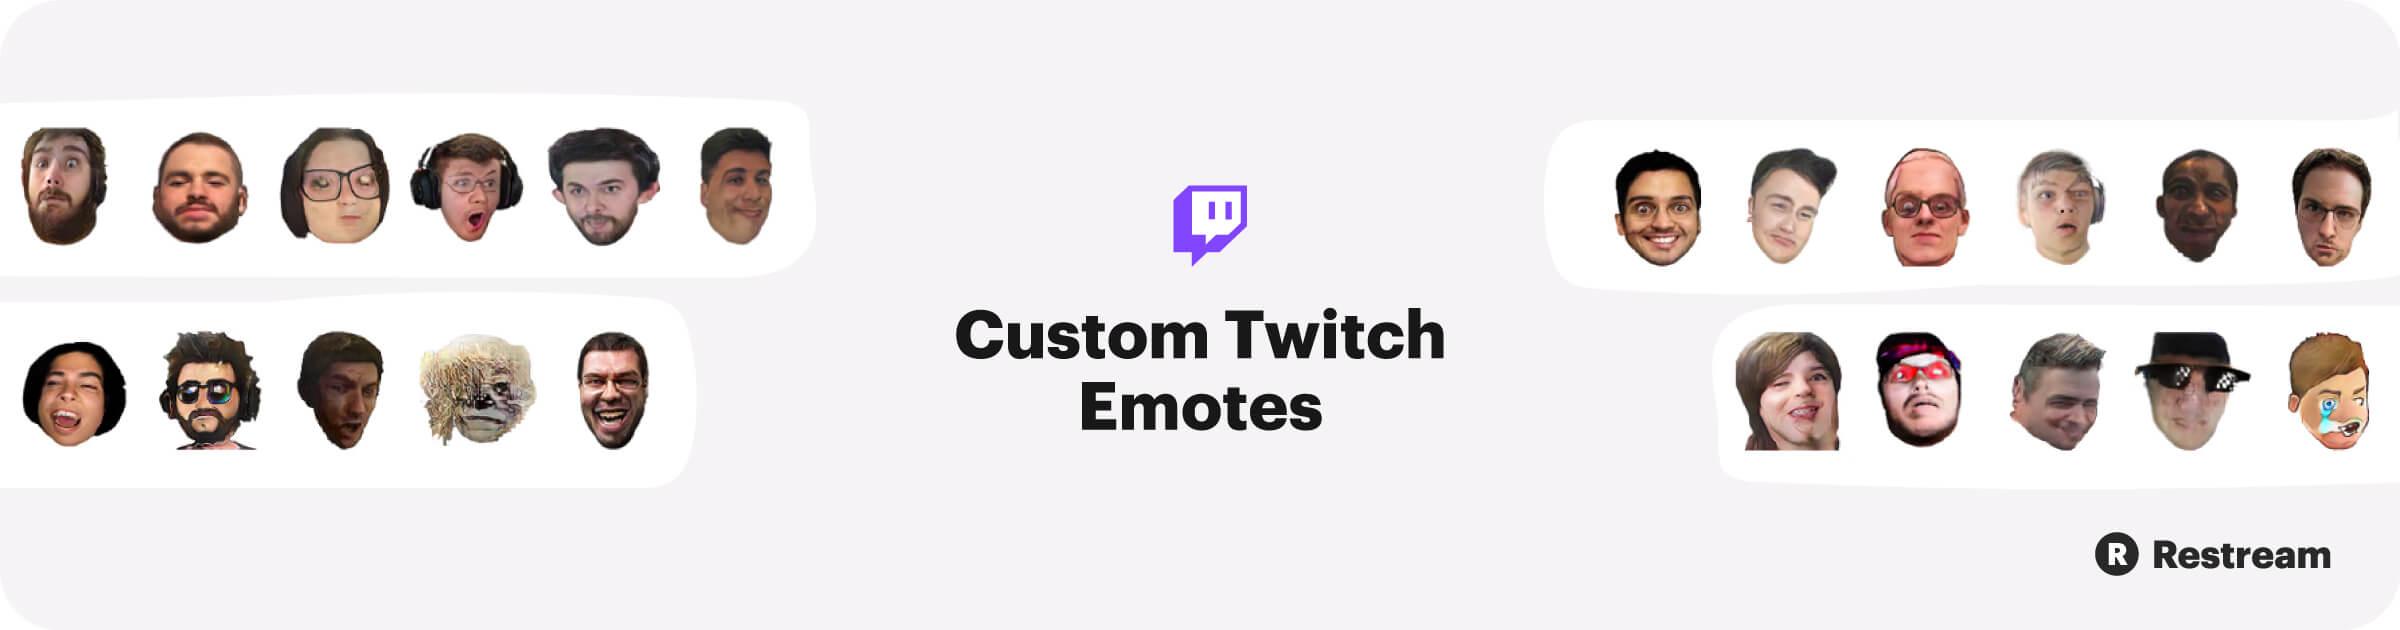 Custom Twitch Emotes